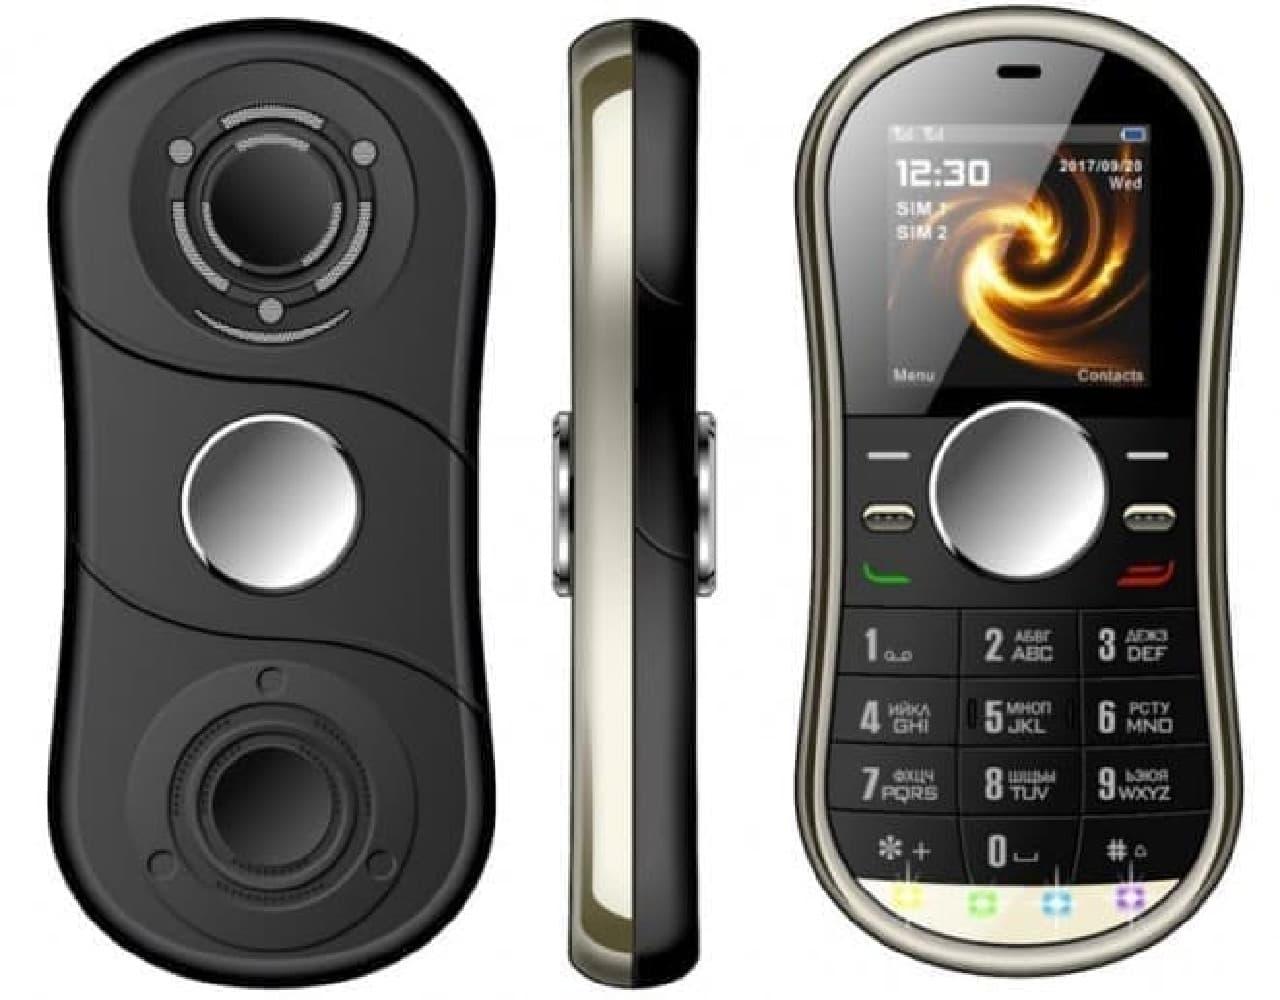 中毒性の高い「ハンドスピナー」型携帯電話「Servo S08」